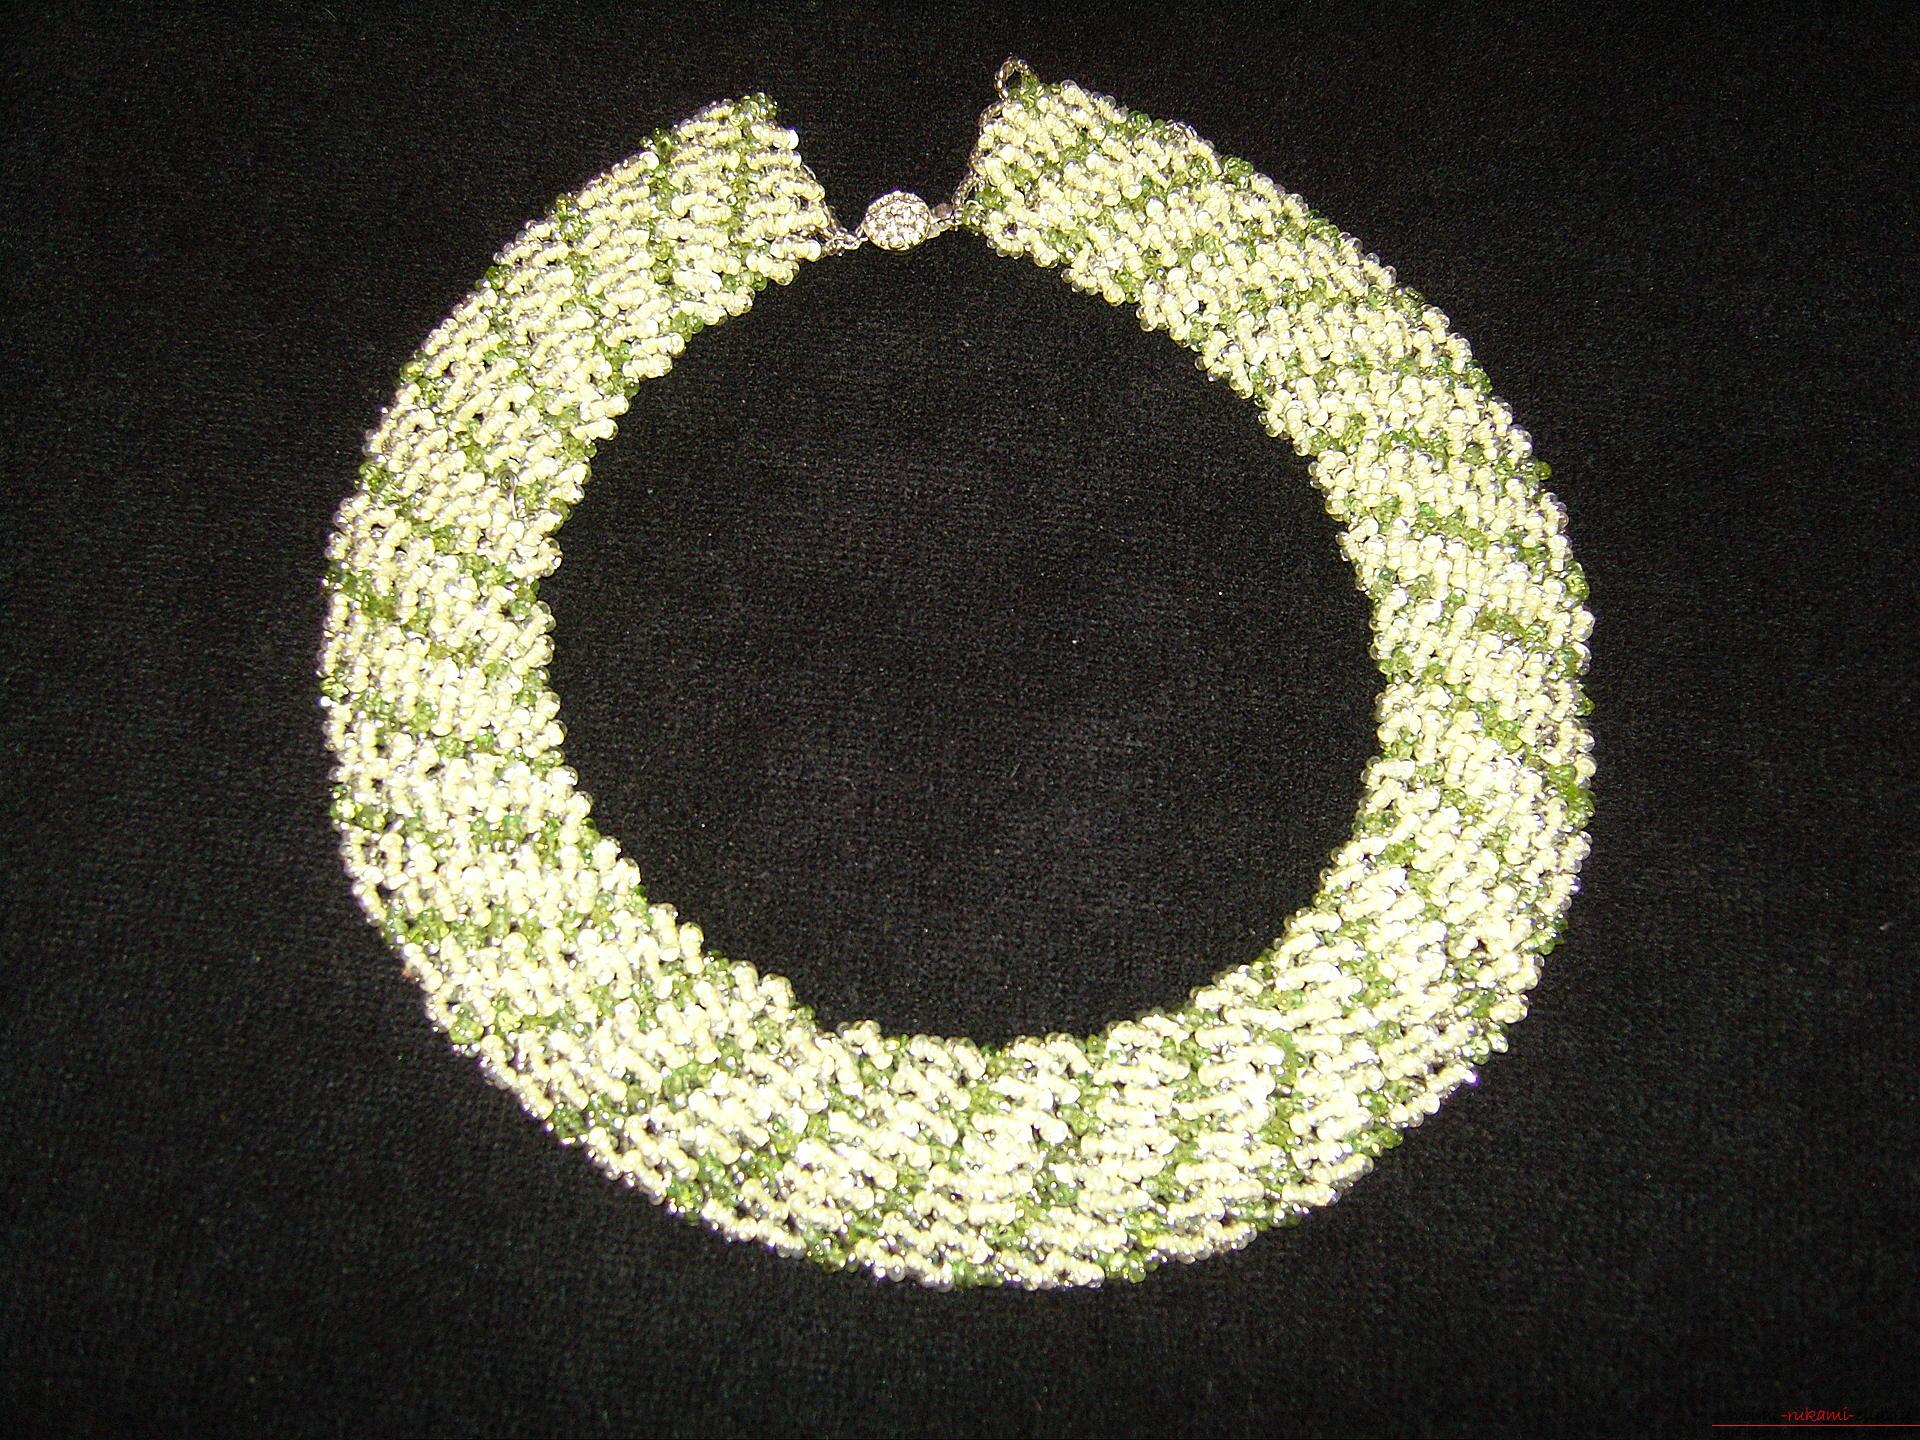 Сумочки, украшения и картины из бисера в технике вышивка бисером и бисероплетение